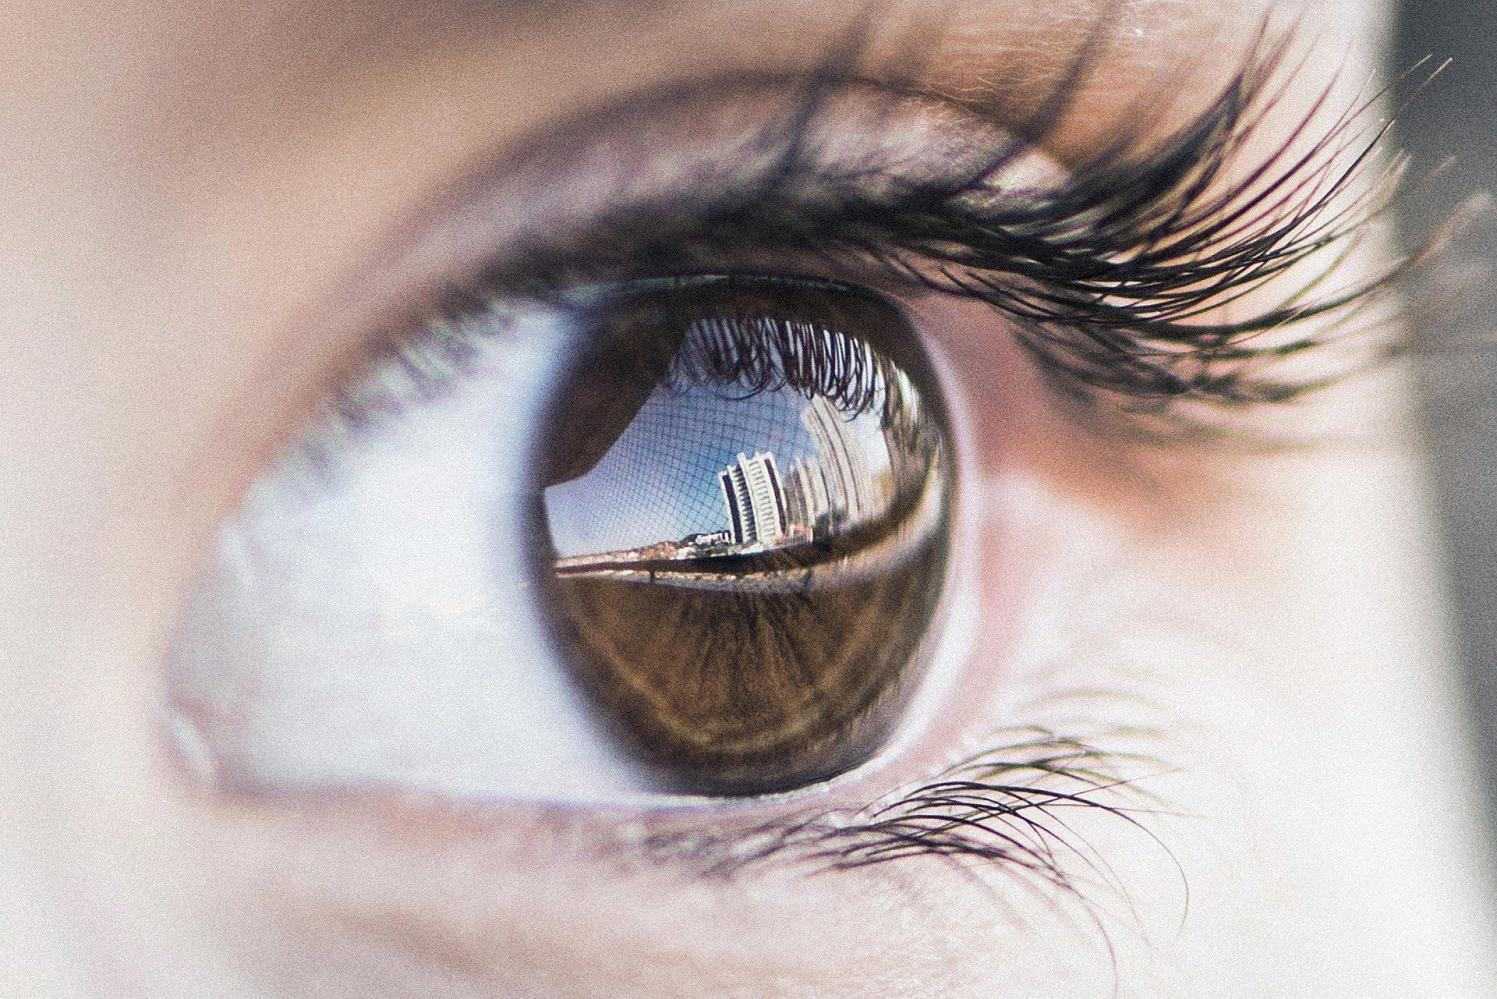 Além do câncer de pele: A exposição excessiva ao Sol pode causar câncer de olho?